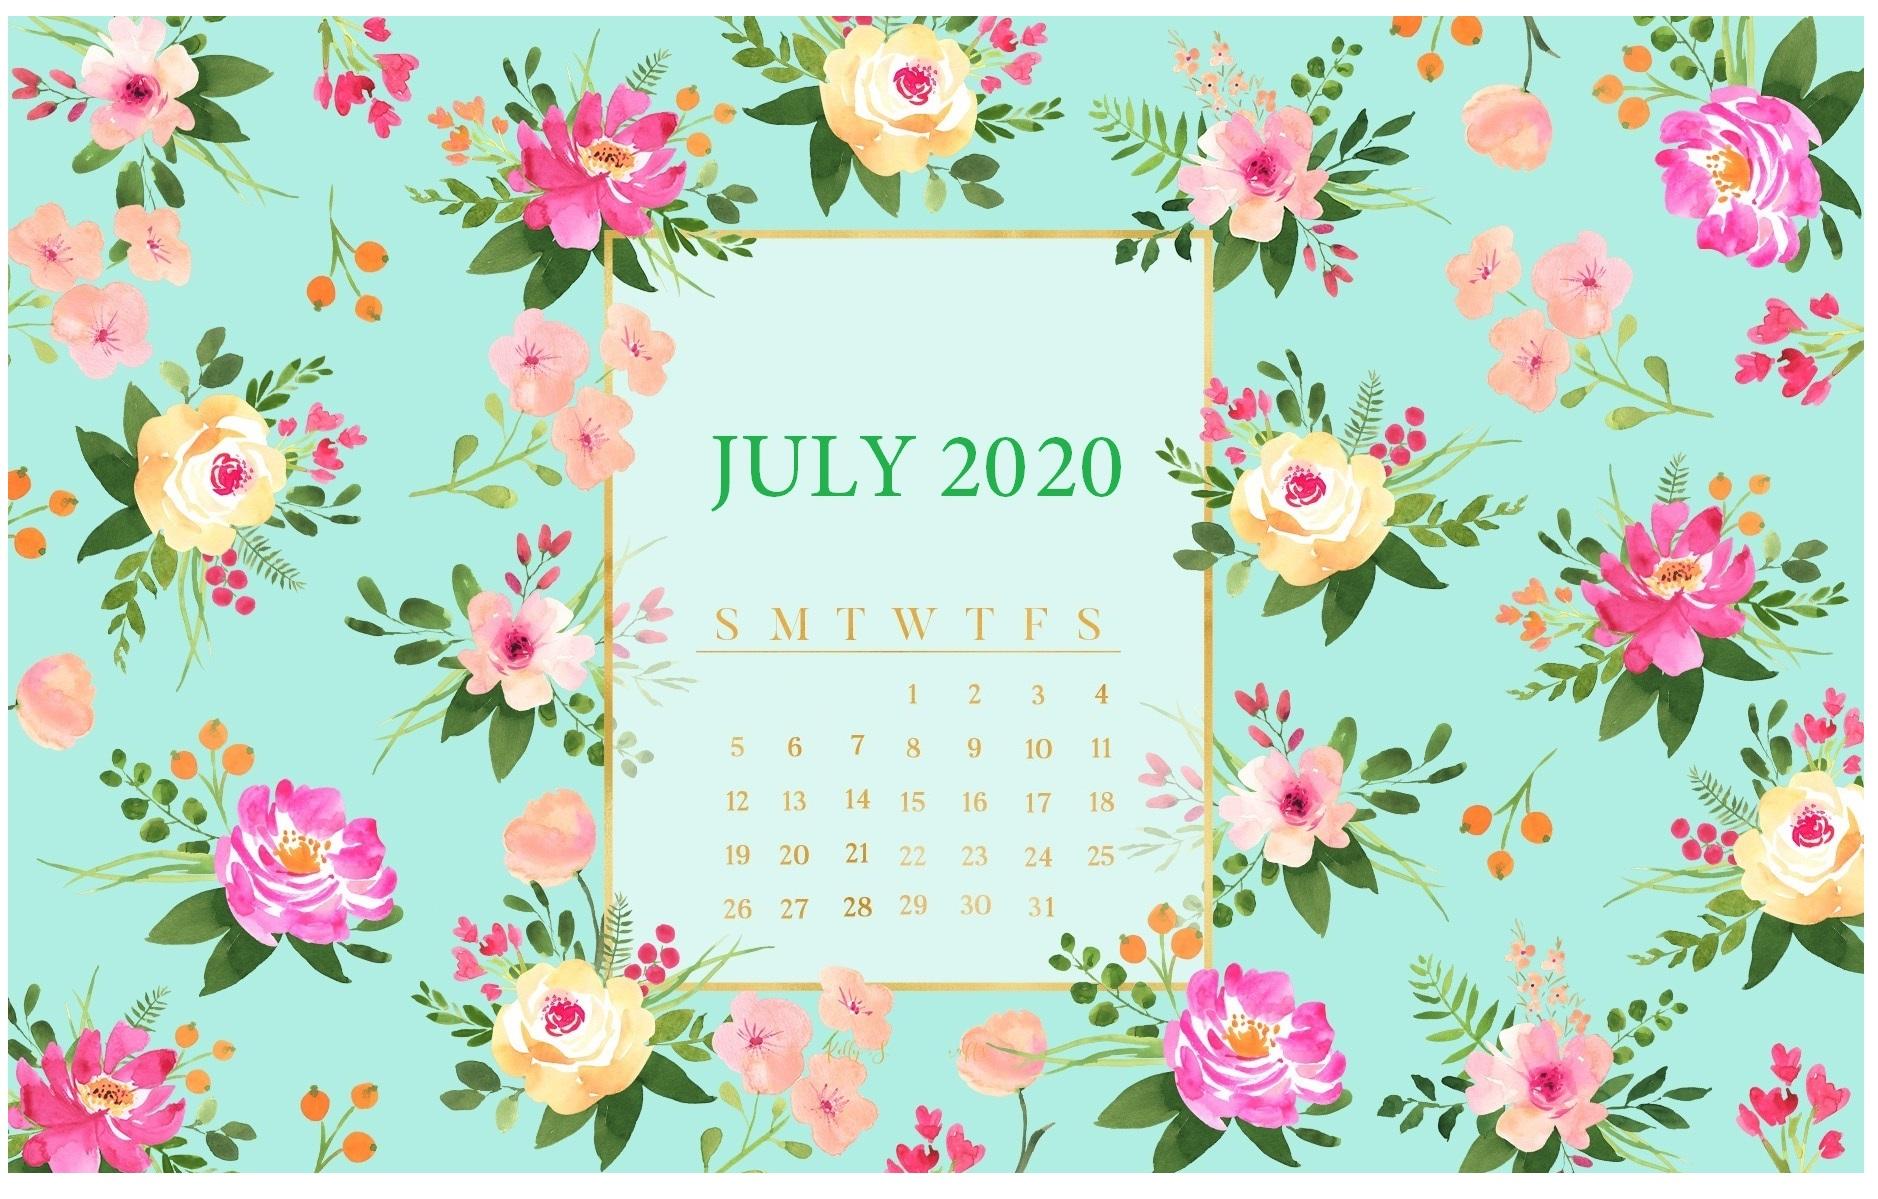 Cute 2020 Desktop Calendar Wallpaper Latest Calendar 1878x1199